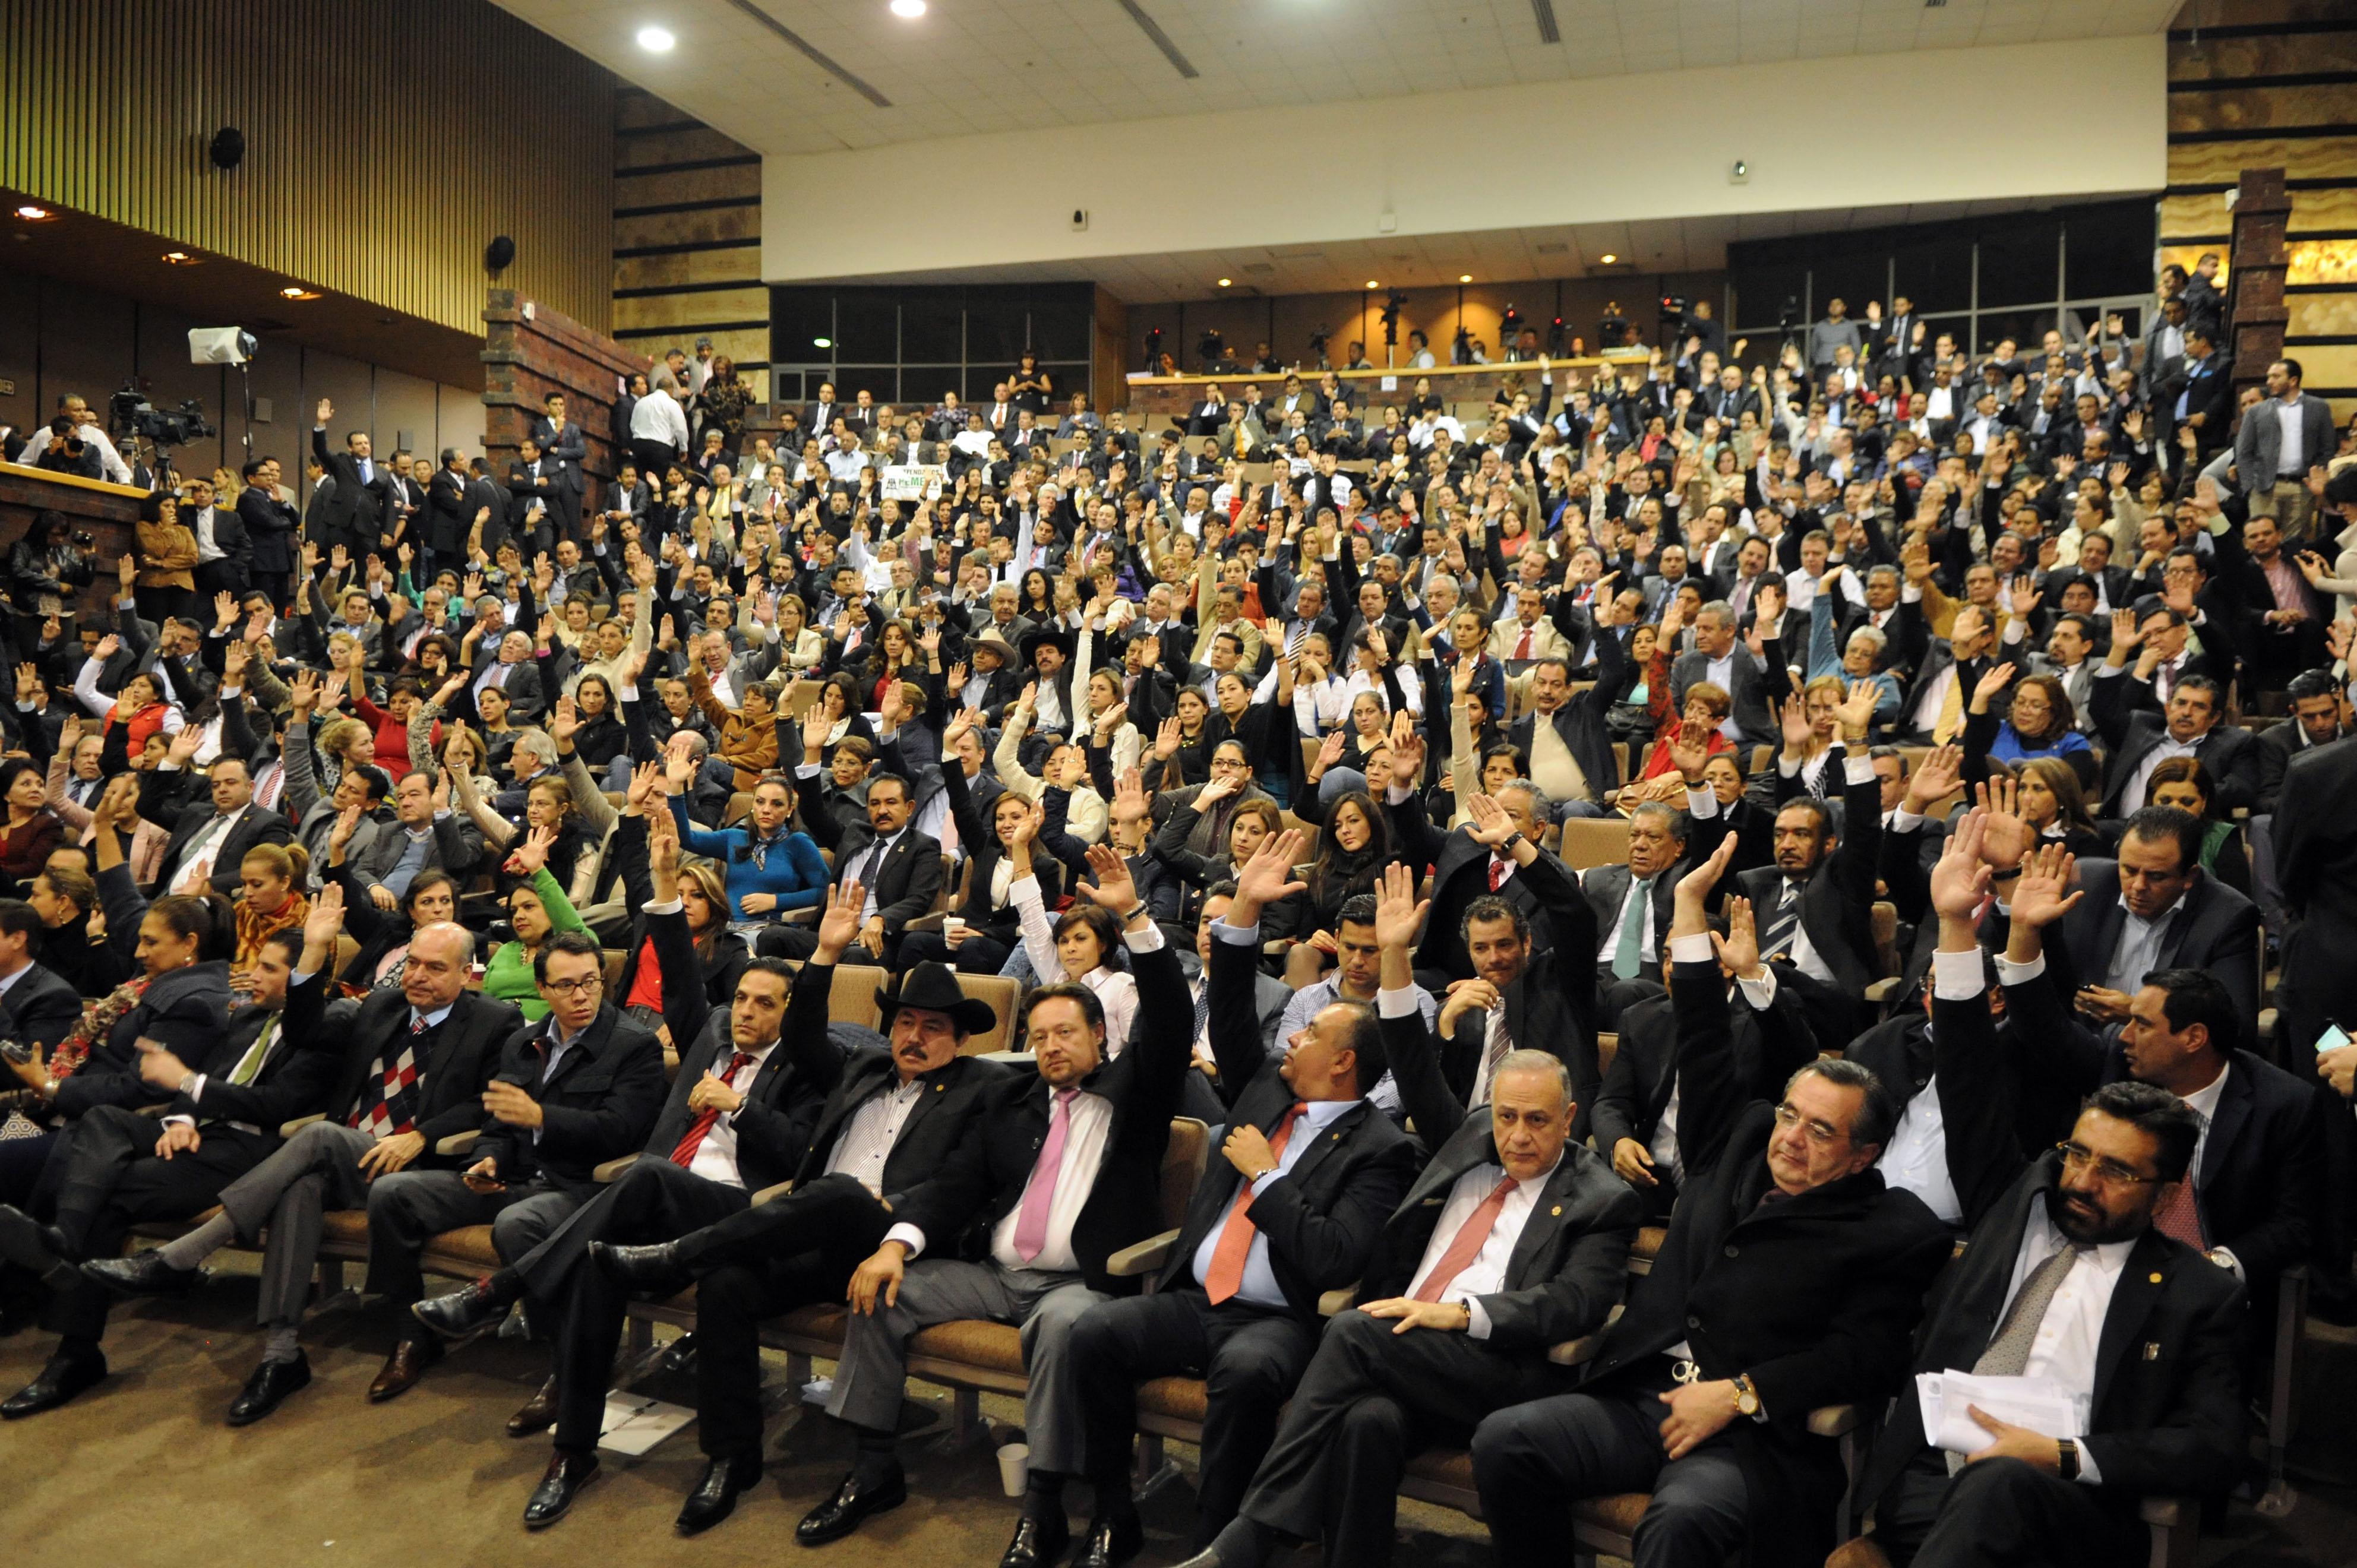 """Sesión de 21 horas en el auditorio Aurora Jiménez de Palacios, ubicado en el edificio """"E"""", del Palacio Legislativo de San Lázaro, para aprobar la minuta de la Reforma Energética enviada por el Senado de la República."""